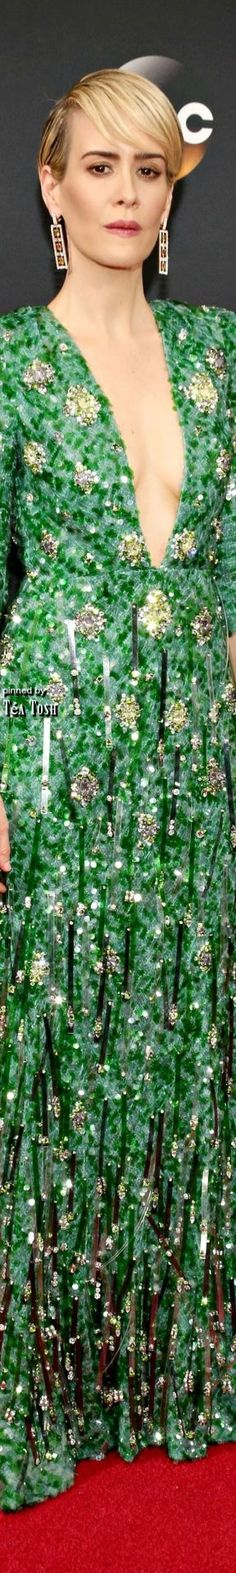 ♛Carolyn♛ Sarah Paulson | Wearing a Prada dress and Brian Atwood shoes.